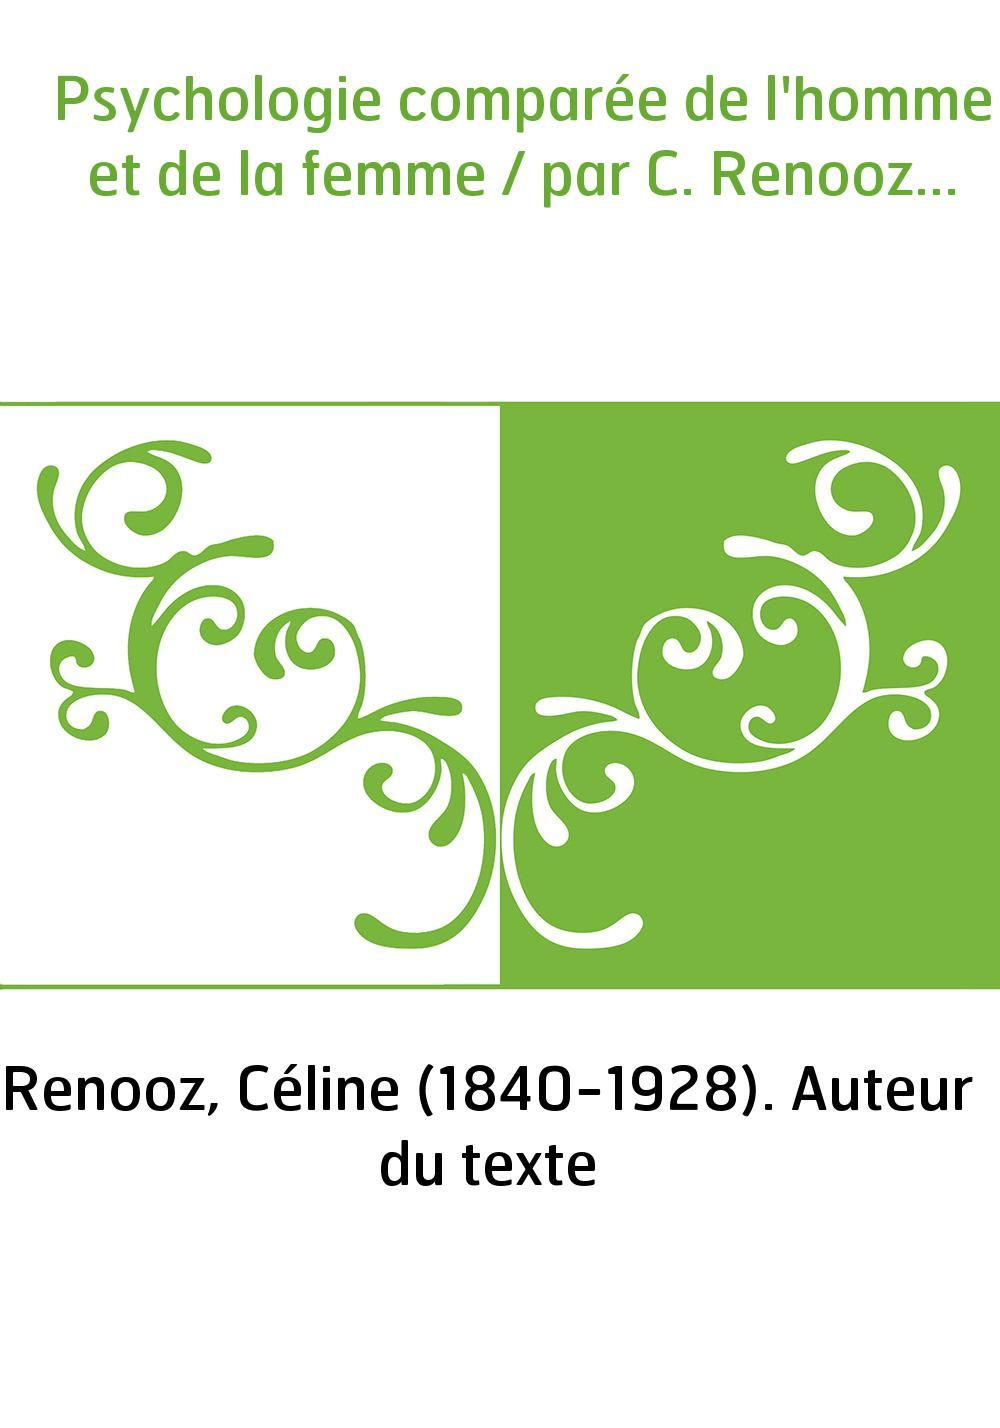 Psychologie comparée de l'homme et de la femme / par C. Renooz...